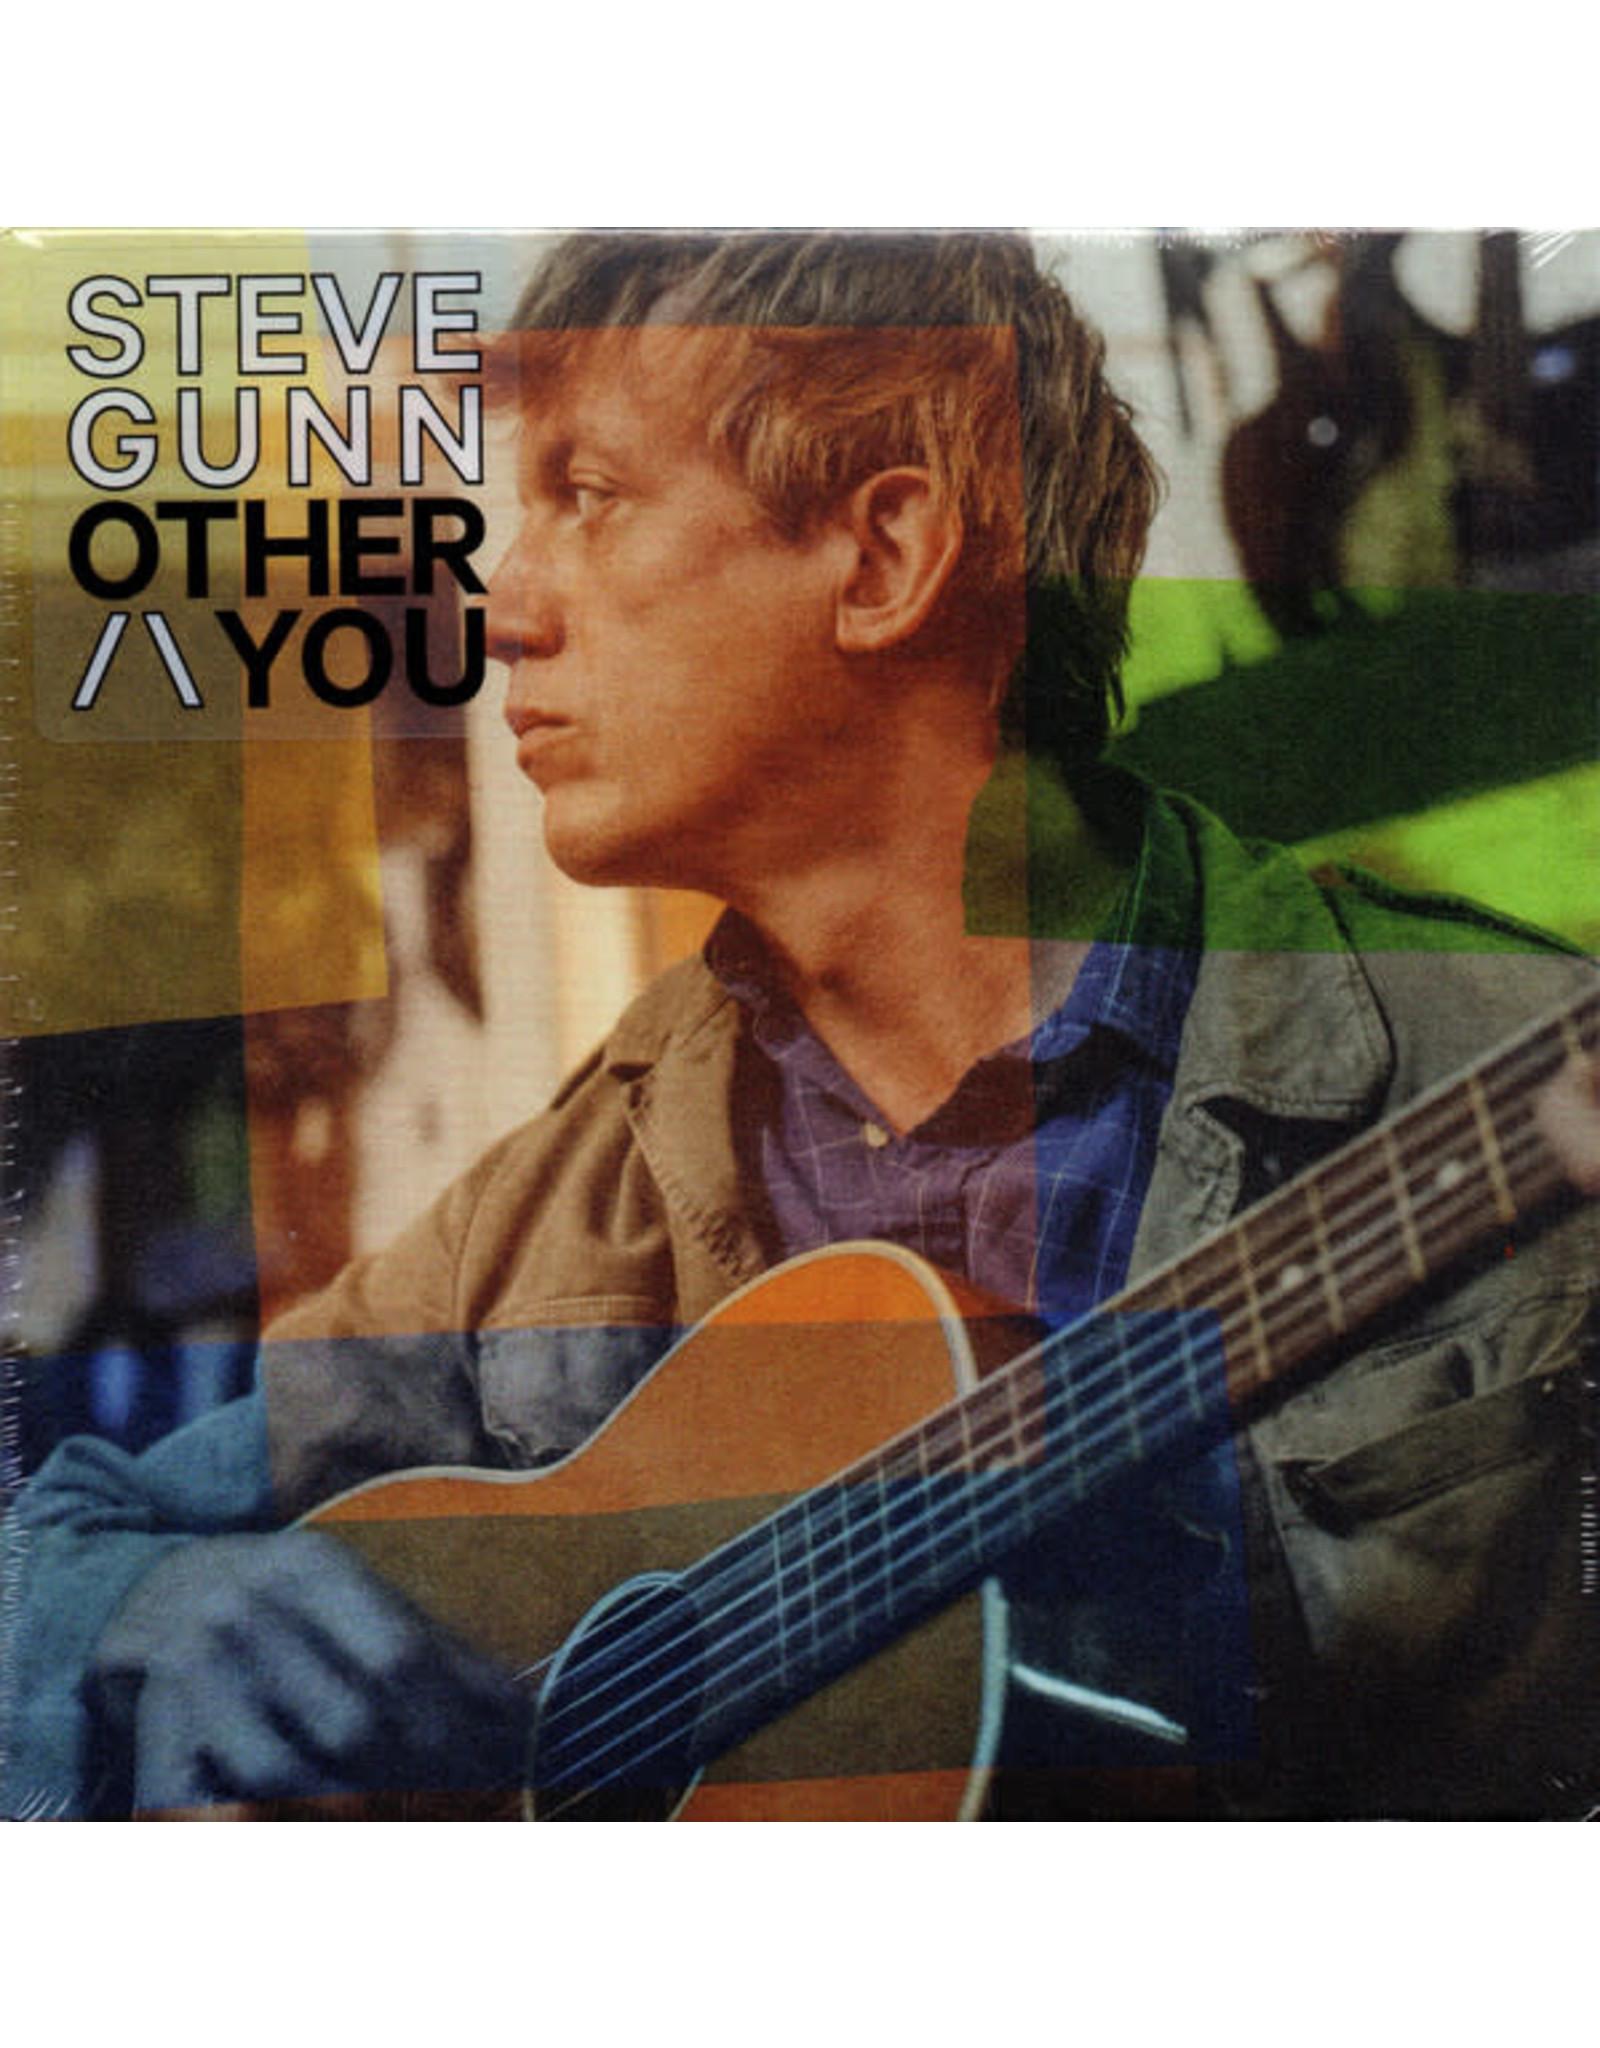 New Vinyl Steve Gunn - Other You 2LP